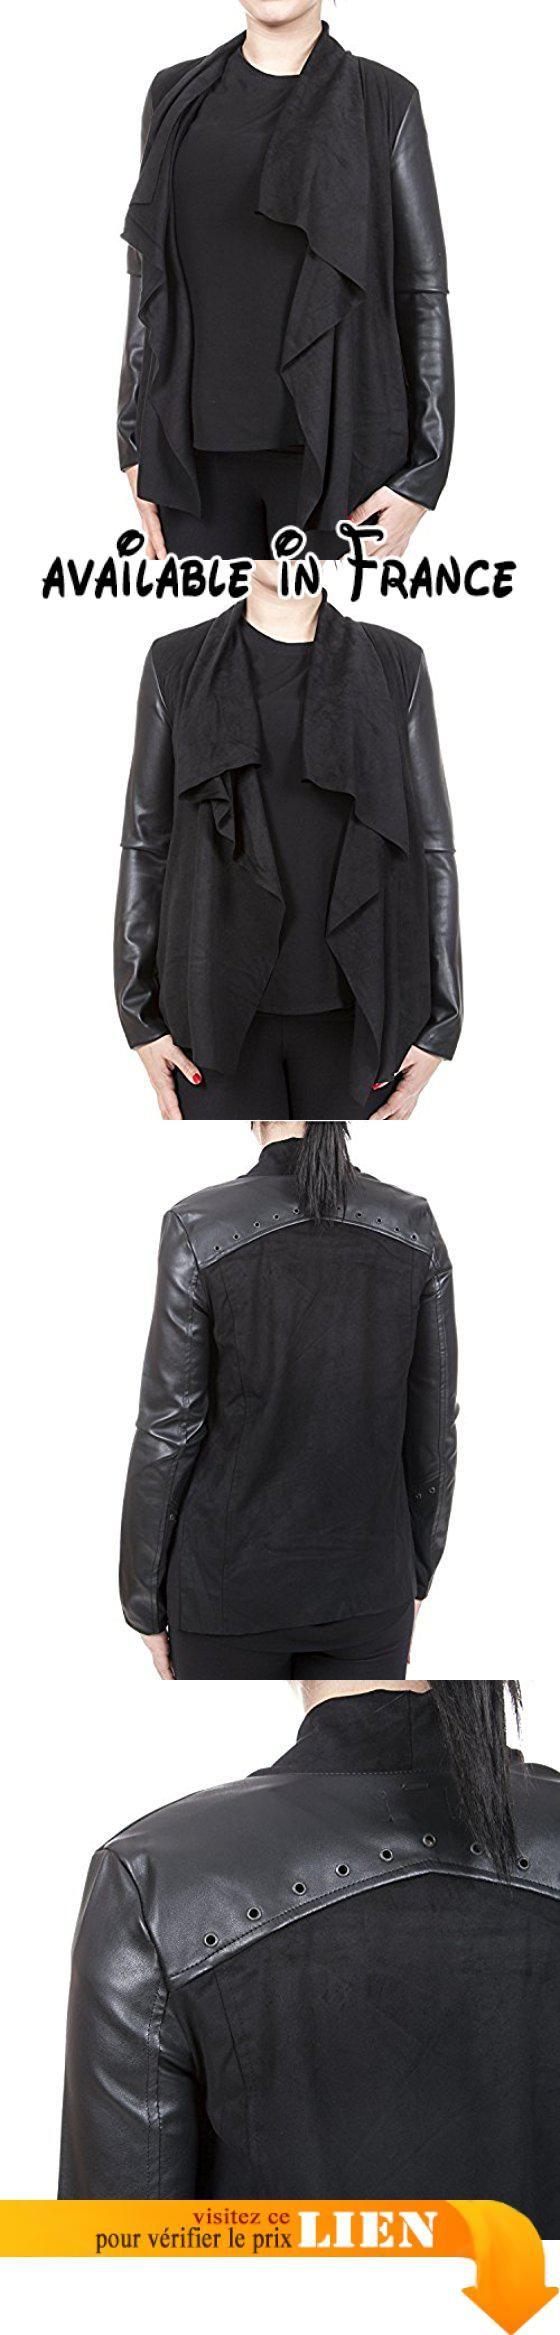 khujo - Gilet - Gilet en maille - Femme -  noir - Small.  #Apparel #SWEATER